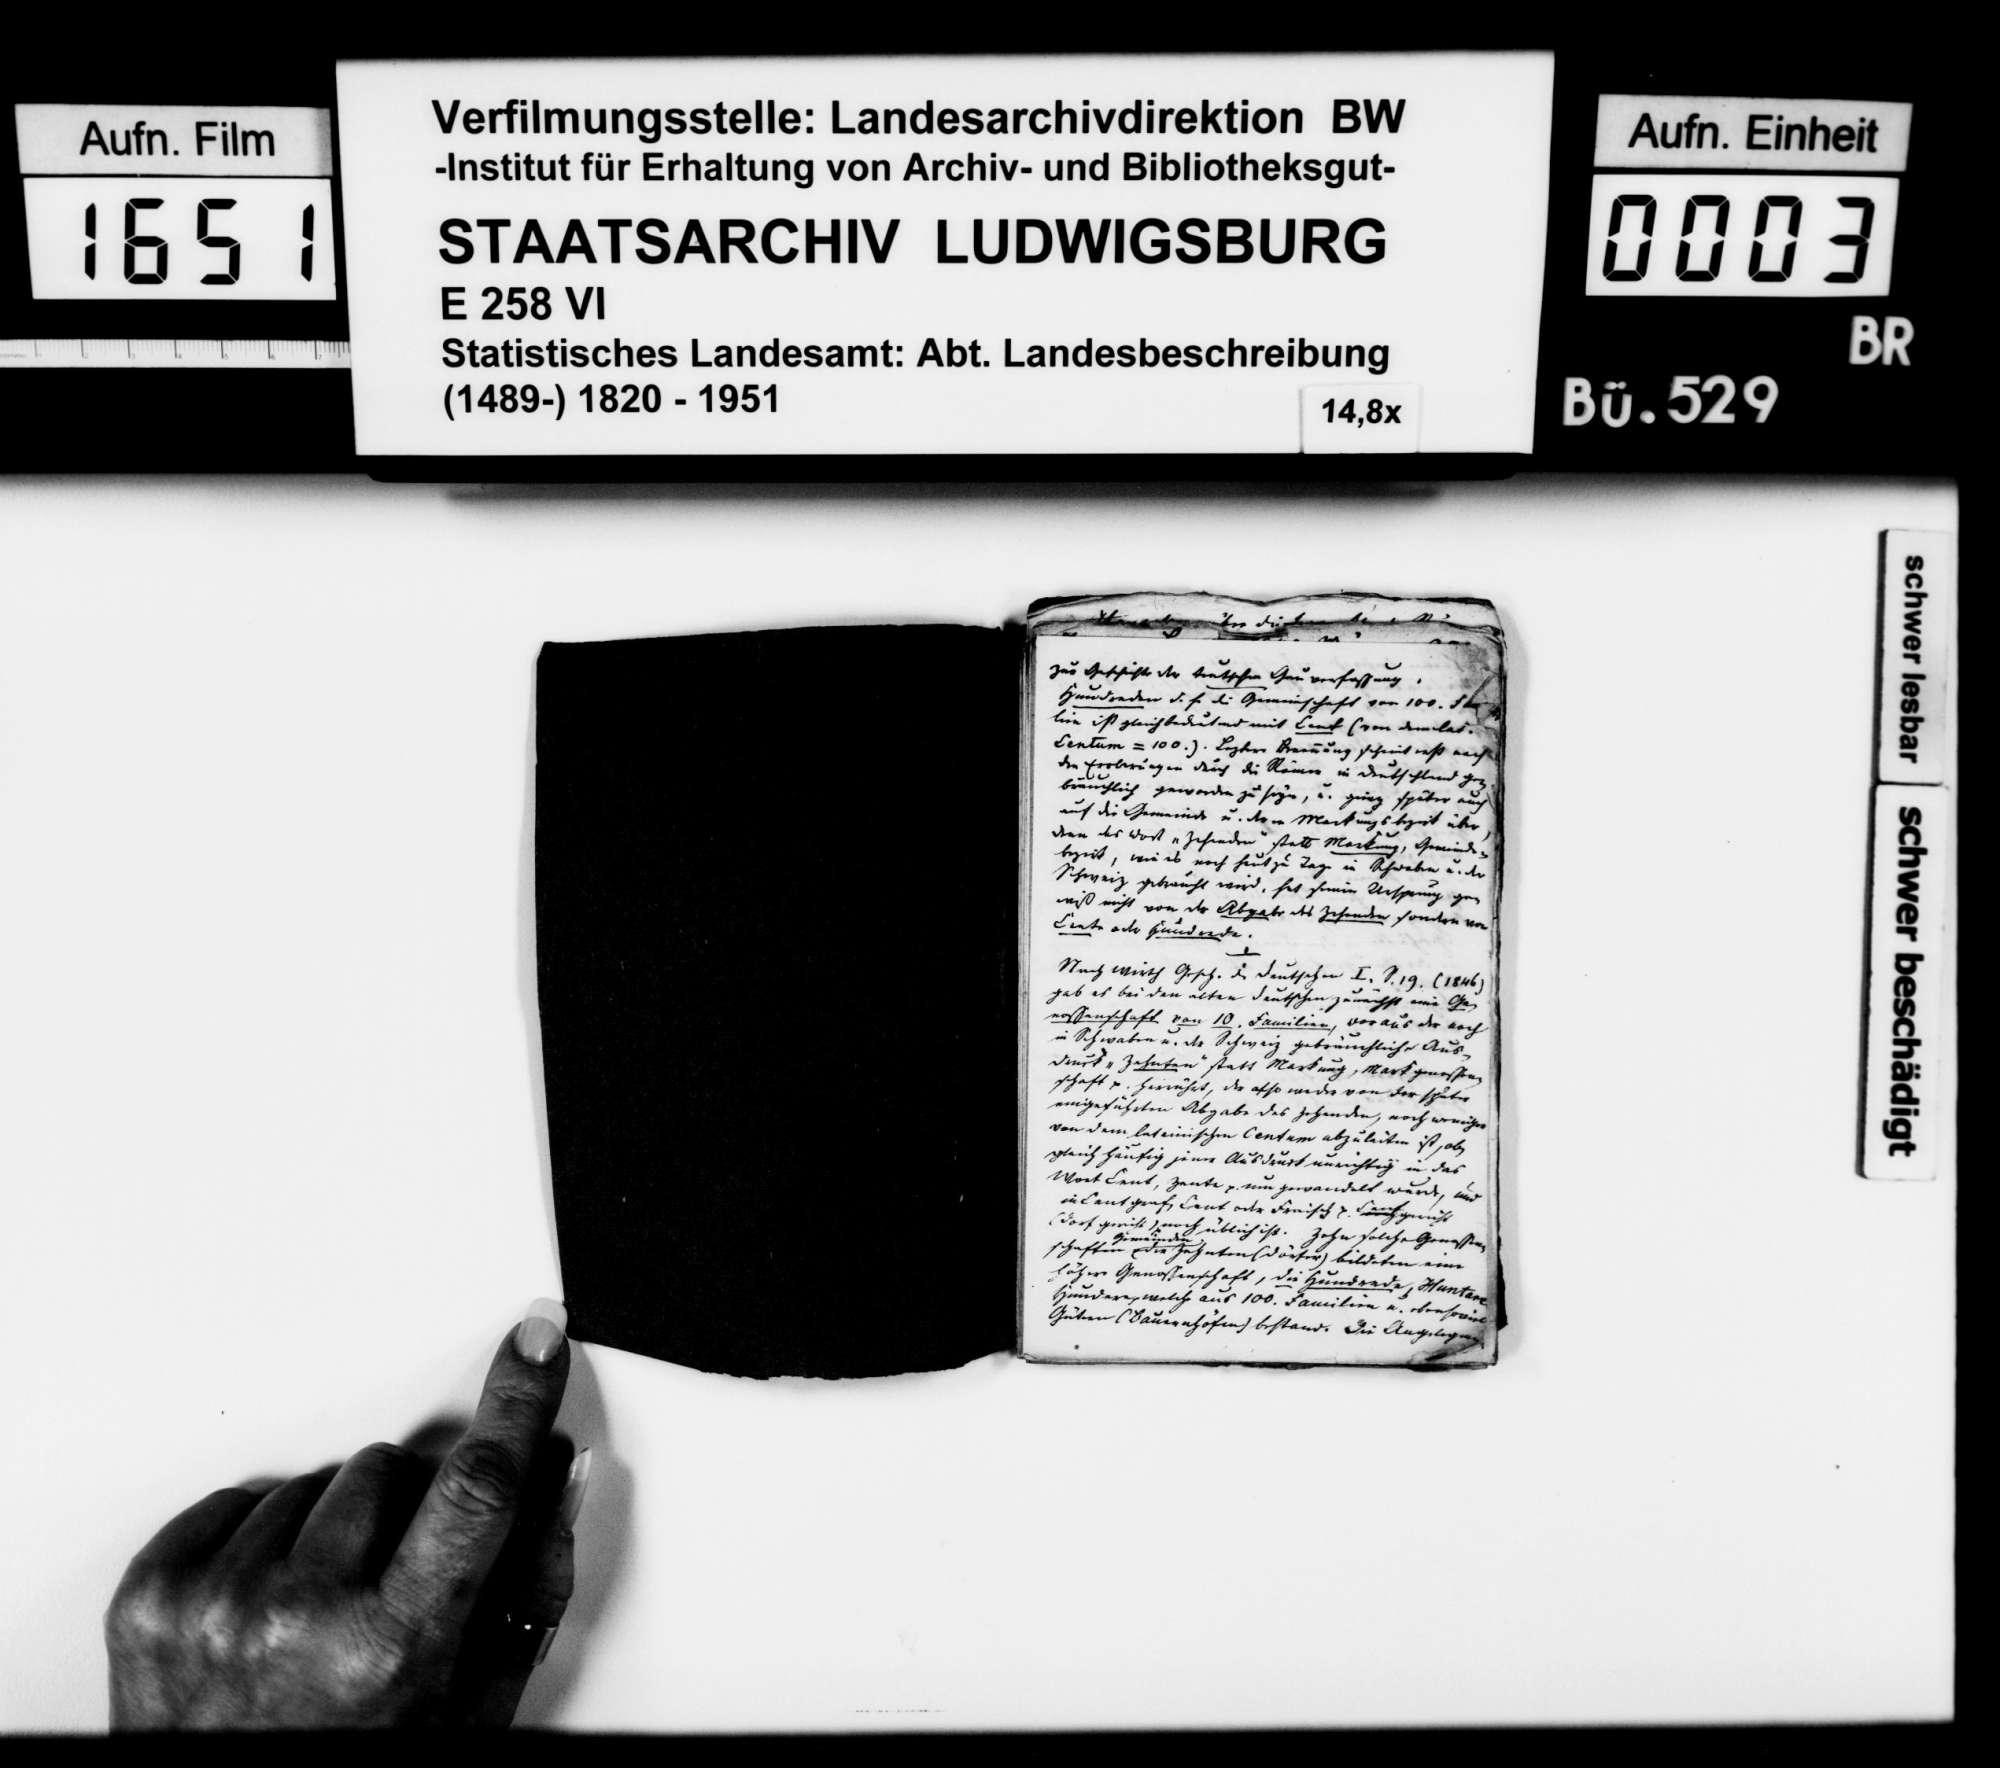 Notizen und Exzerpte [des Trigonometers Diezel in der Kanzlei des STBs] zu verschiedenen Wissensgebieten, bezogen auf das Königreich Württemberg, Bild 2